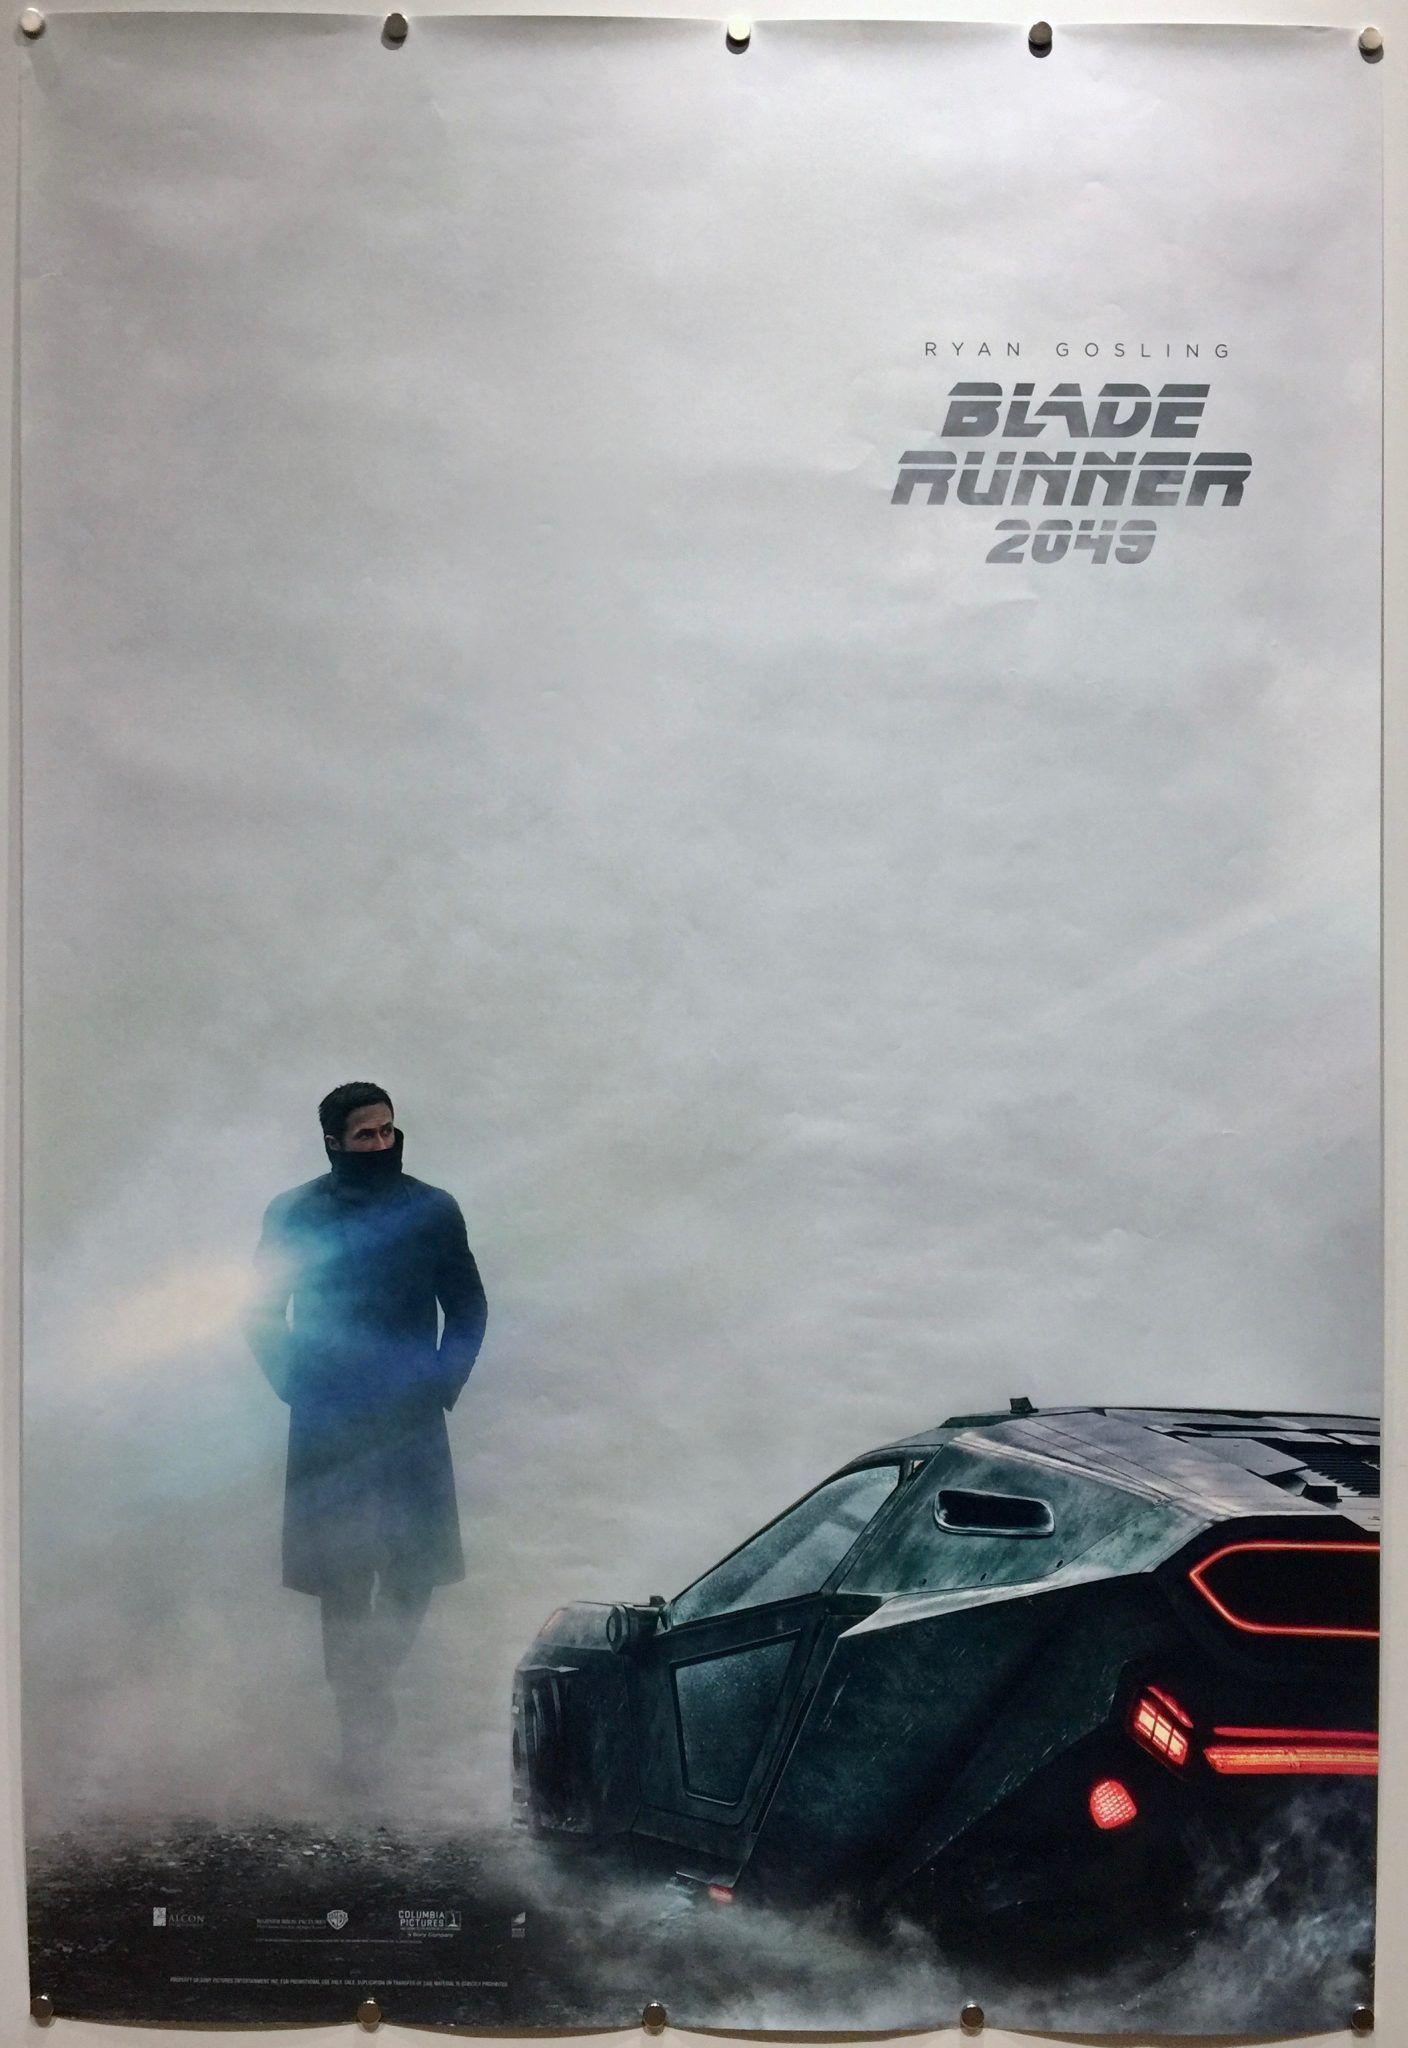 Blade Runner 2049 Uk Movie Poster Denis Villeneuve Sequel With Harrisonford Ryangosling Teaser Design By Blade Runner Movies By Genre Blade Runner 2049